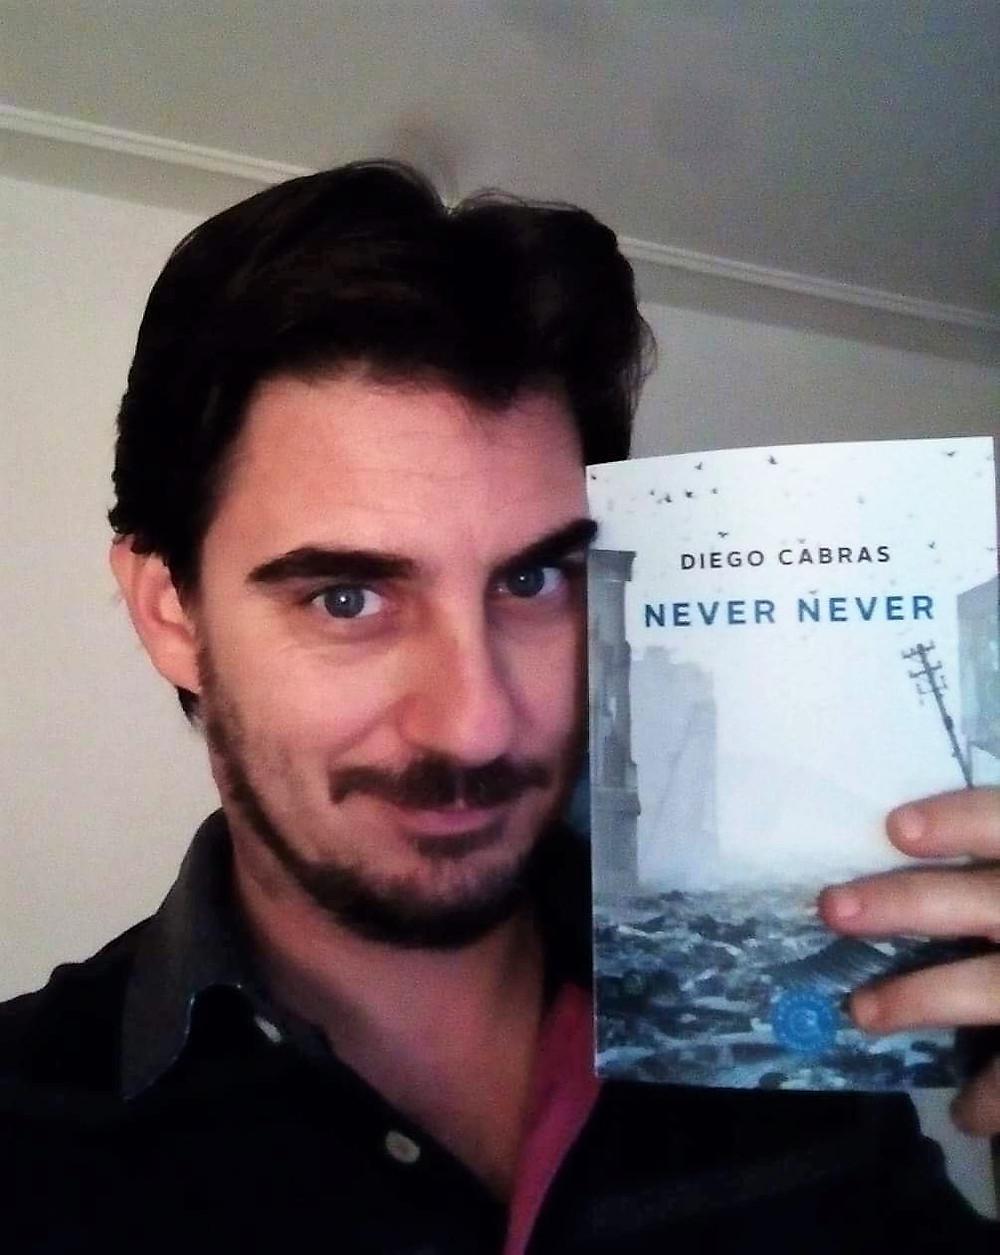 Diego e il suo Never Never